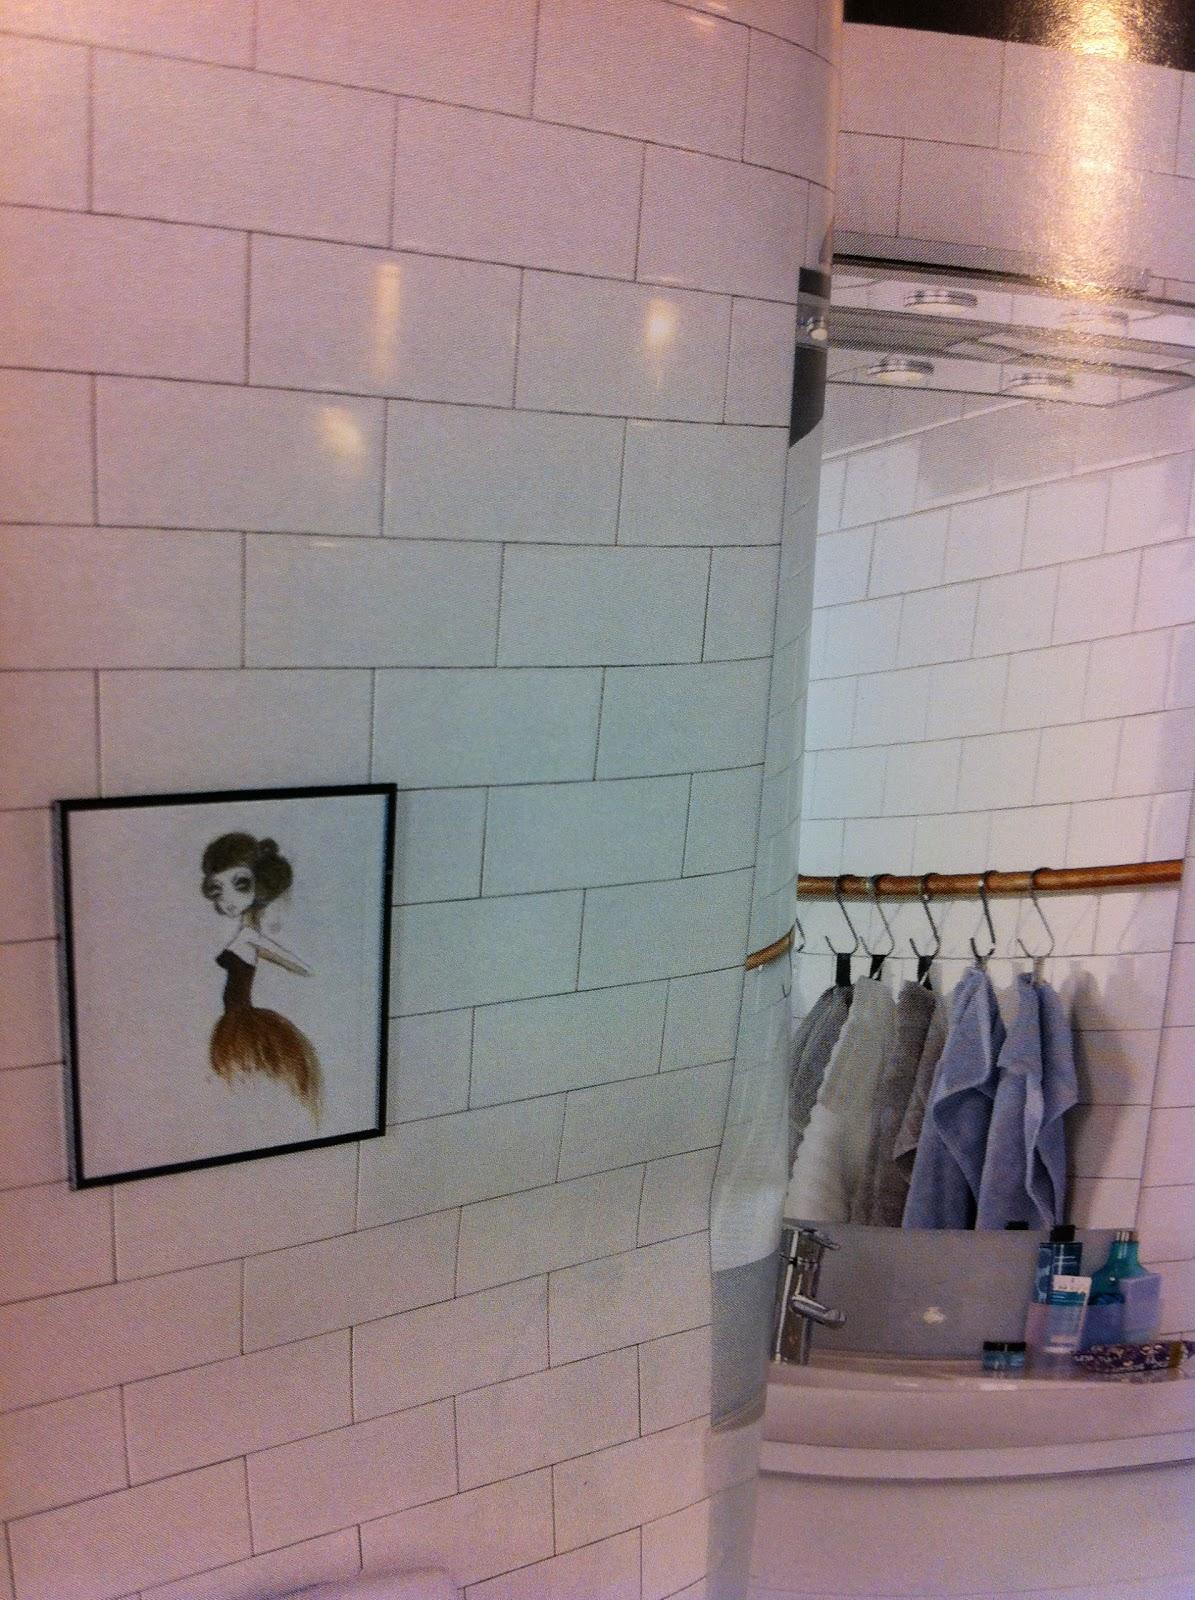 Projekt: Ett hem: Vad ska man ha för kakel i badrummet?